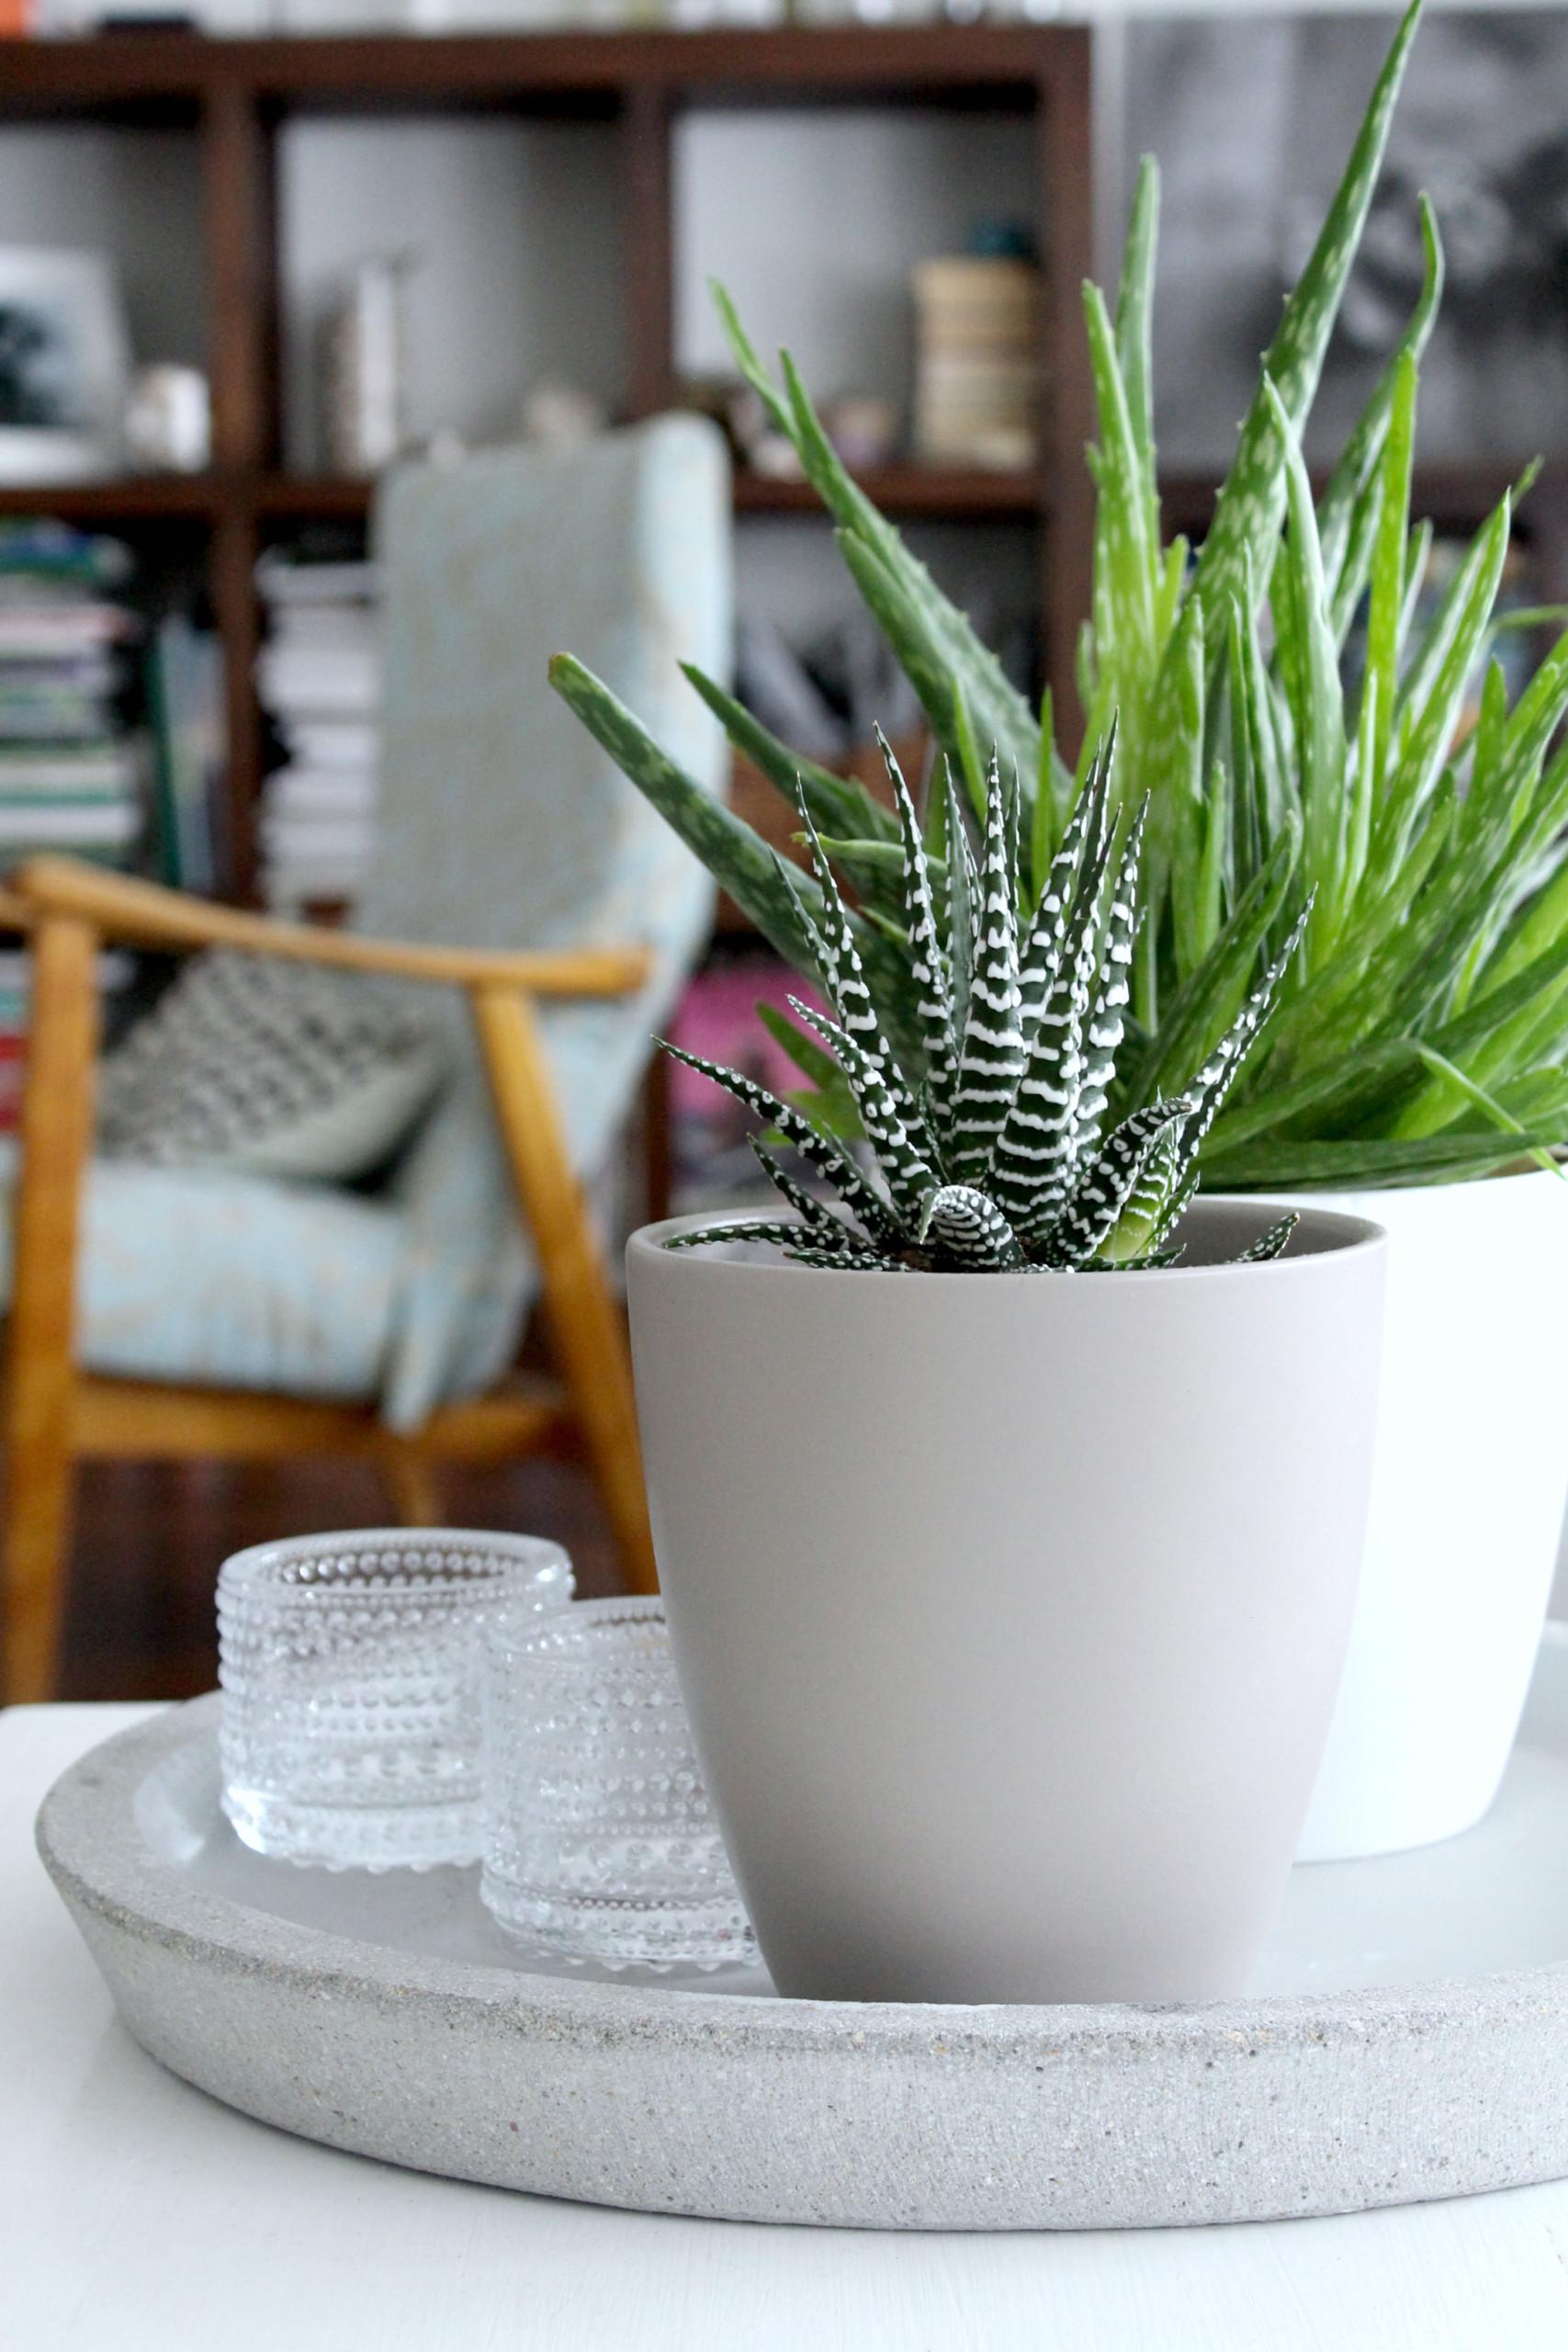 viherkasvien hoito: valitse kasvupaikka oikein